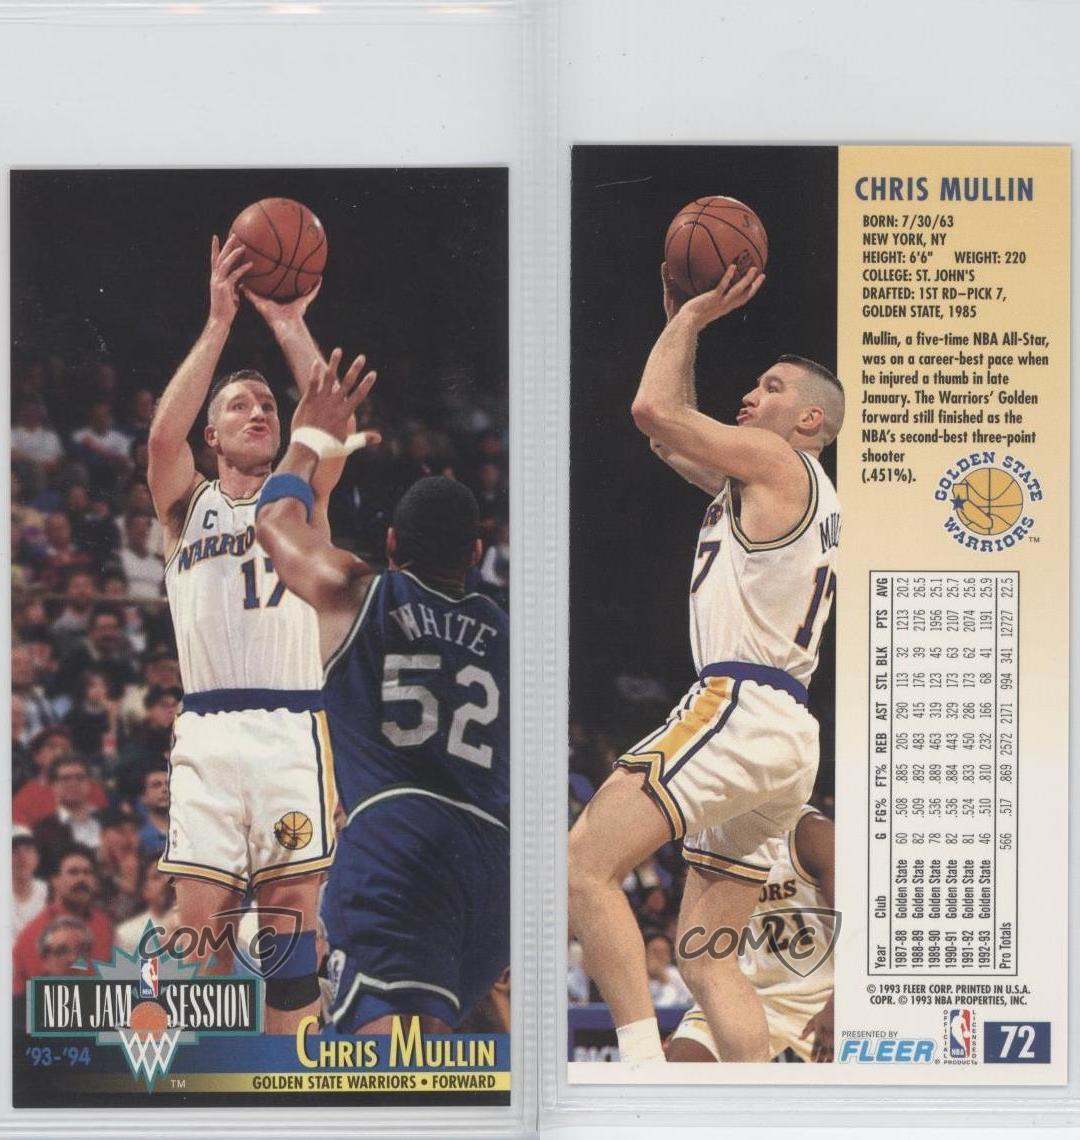 1993-94 NBA Jam Session #72 Chris Mullin Golden State